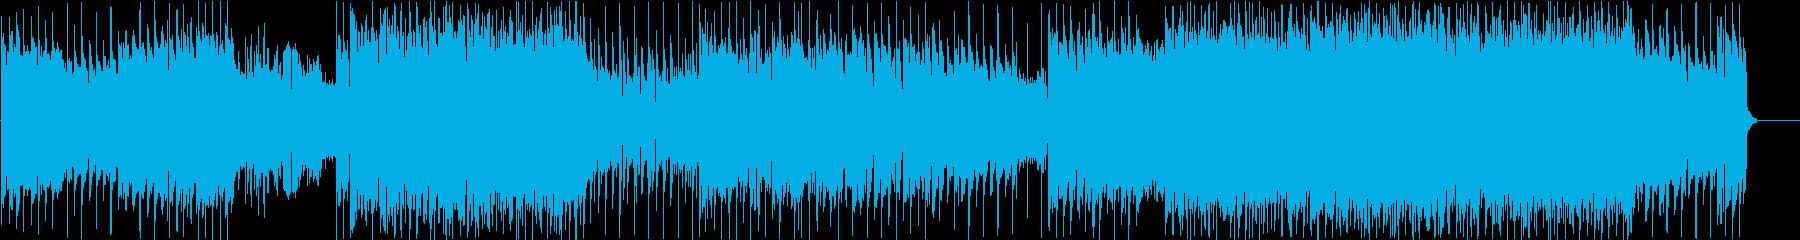 ノリのいいテクノの再生済みの波形